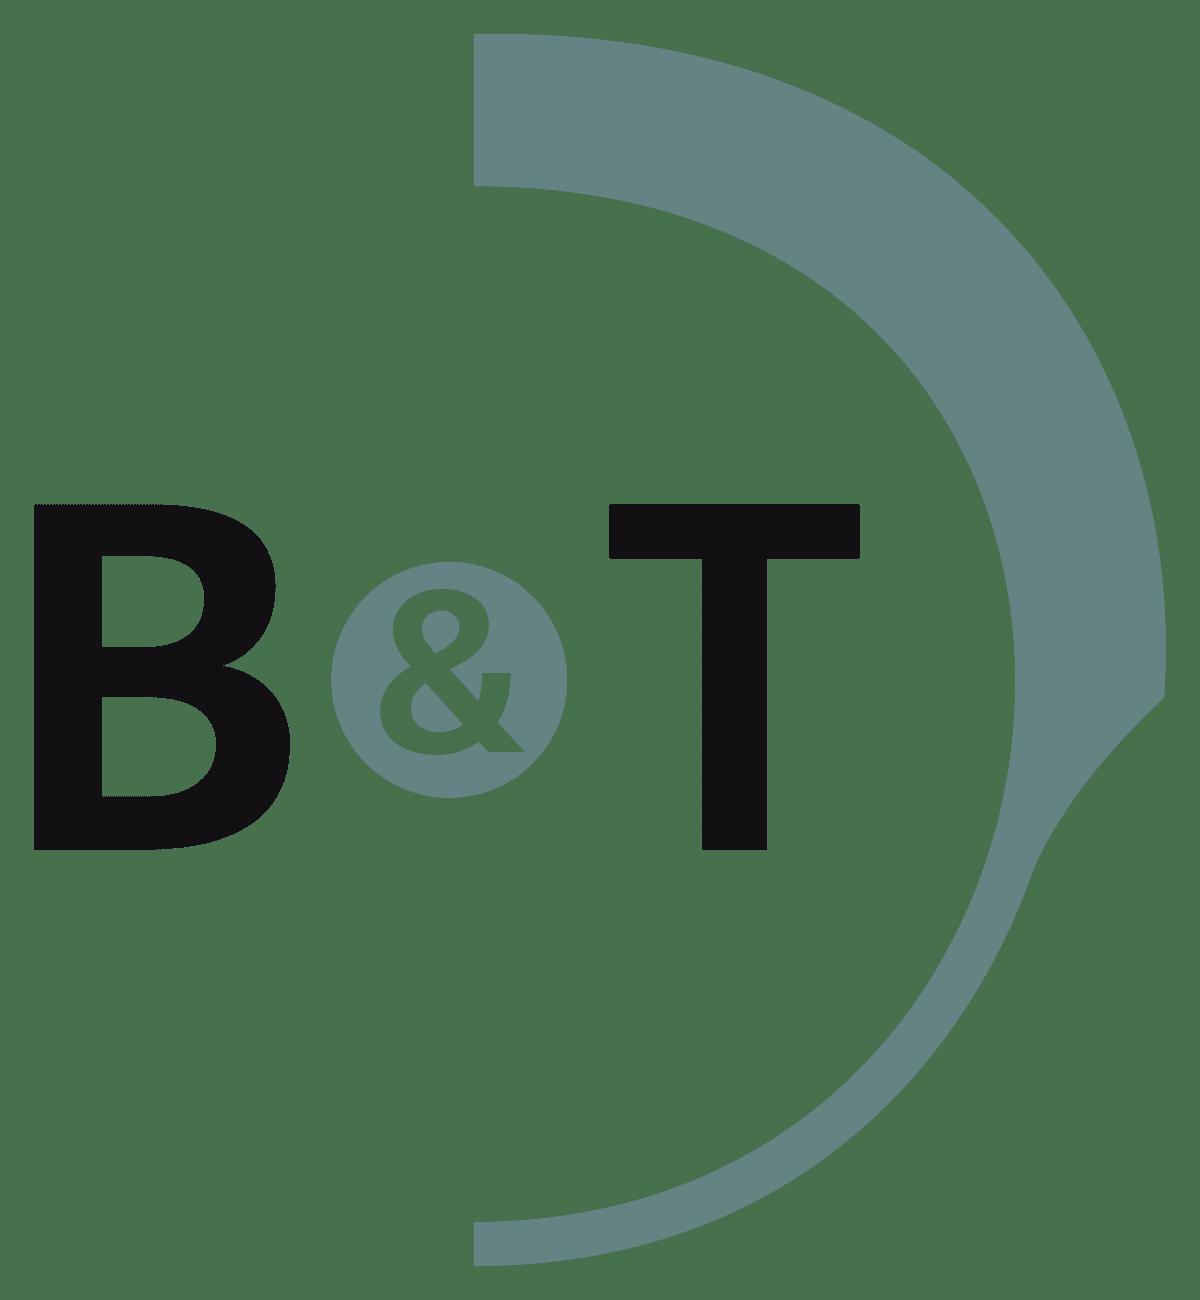 Markenseite der Firma: Brügger & Thomet